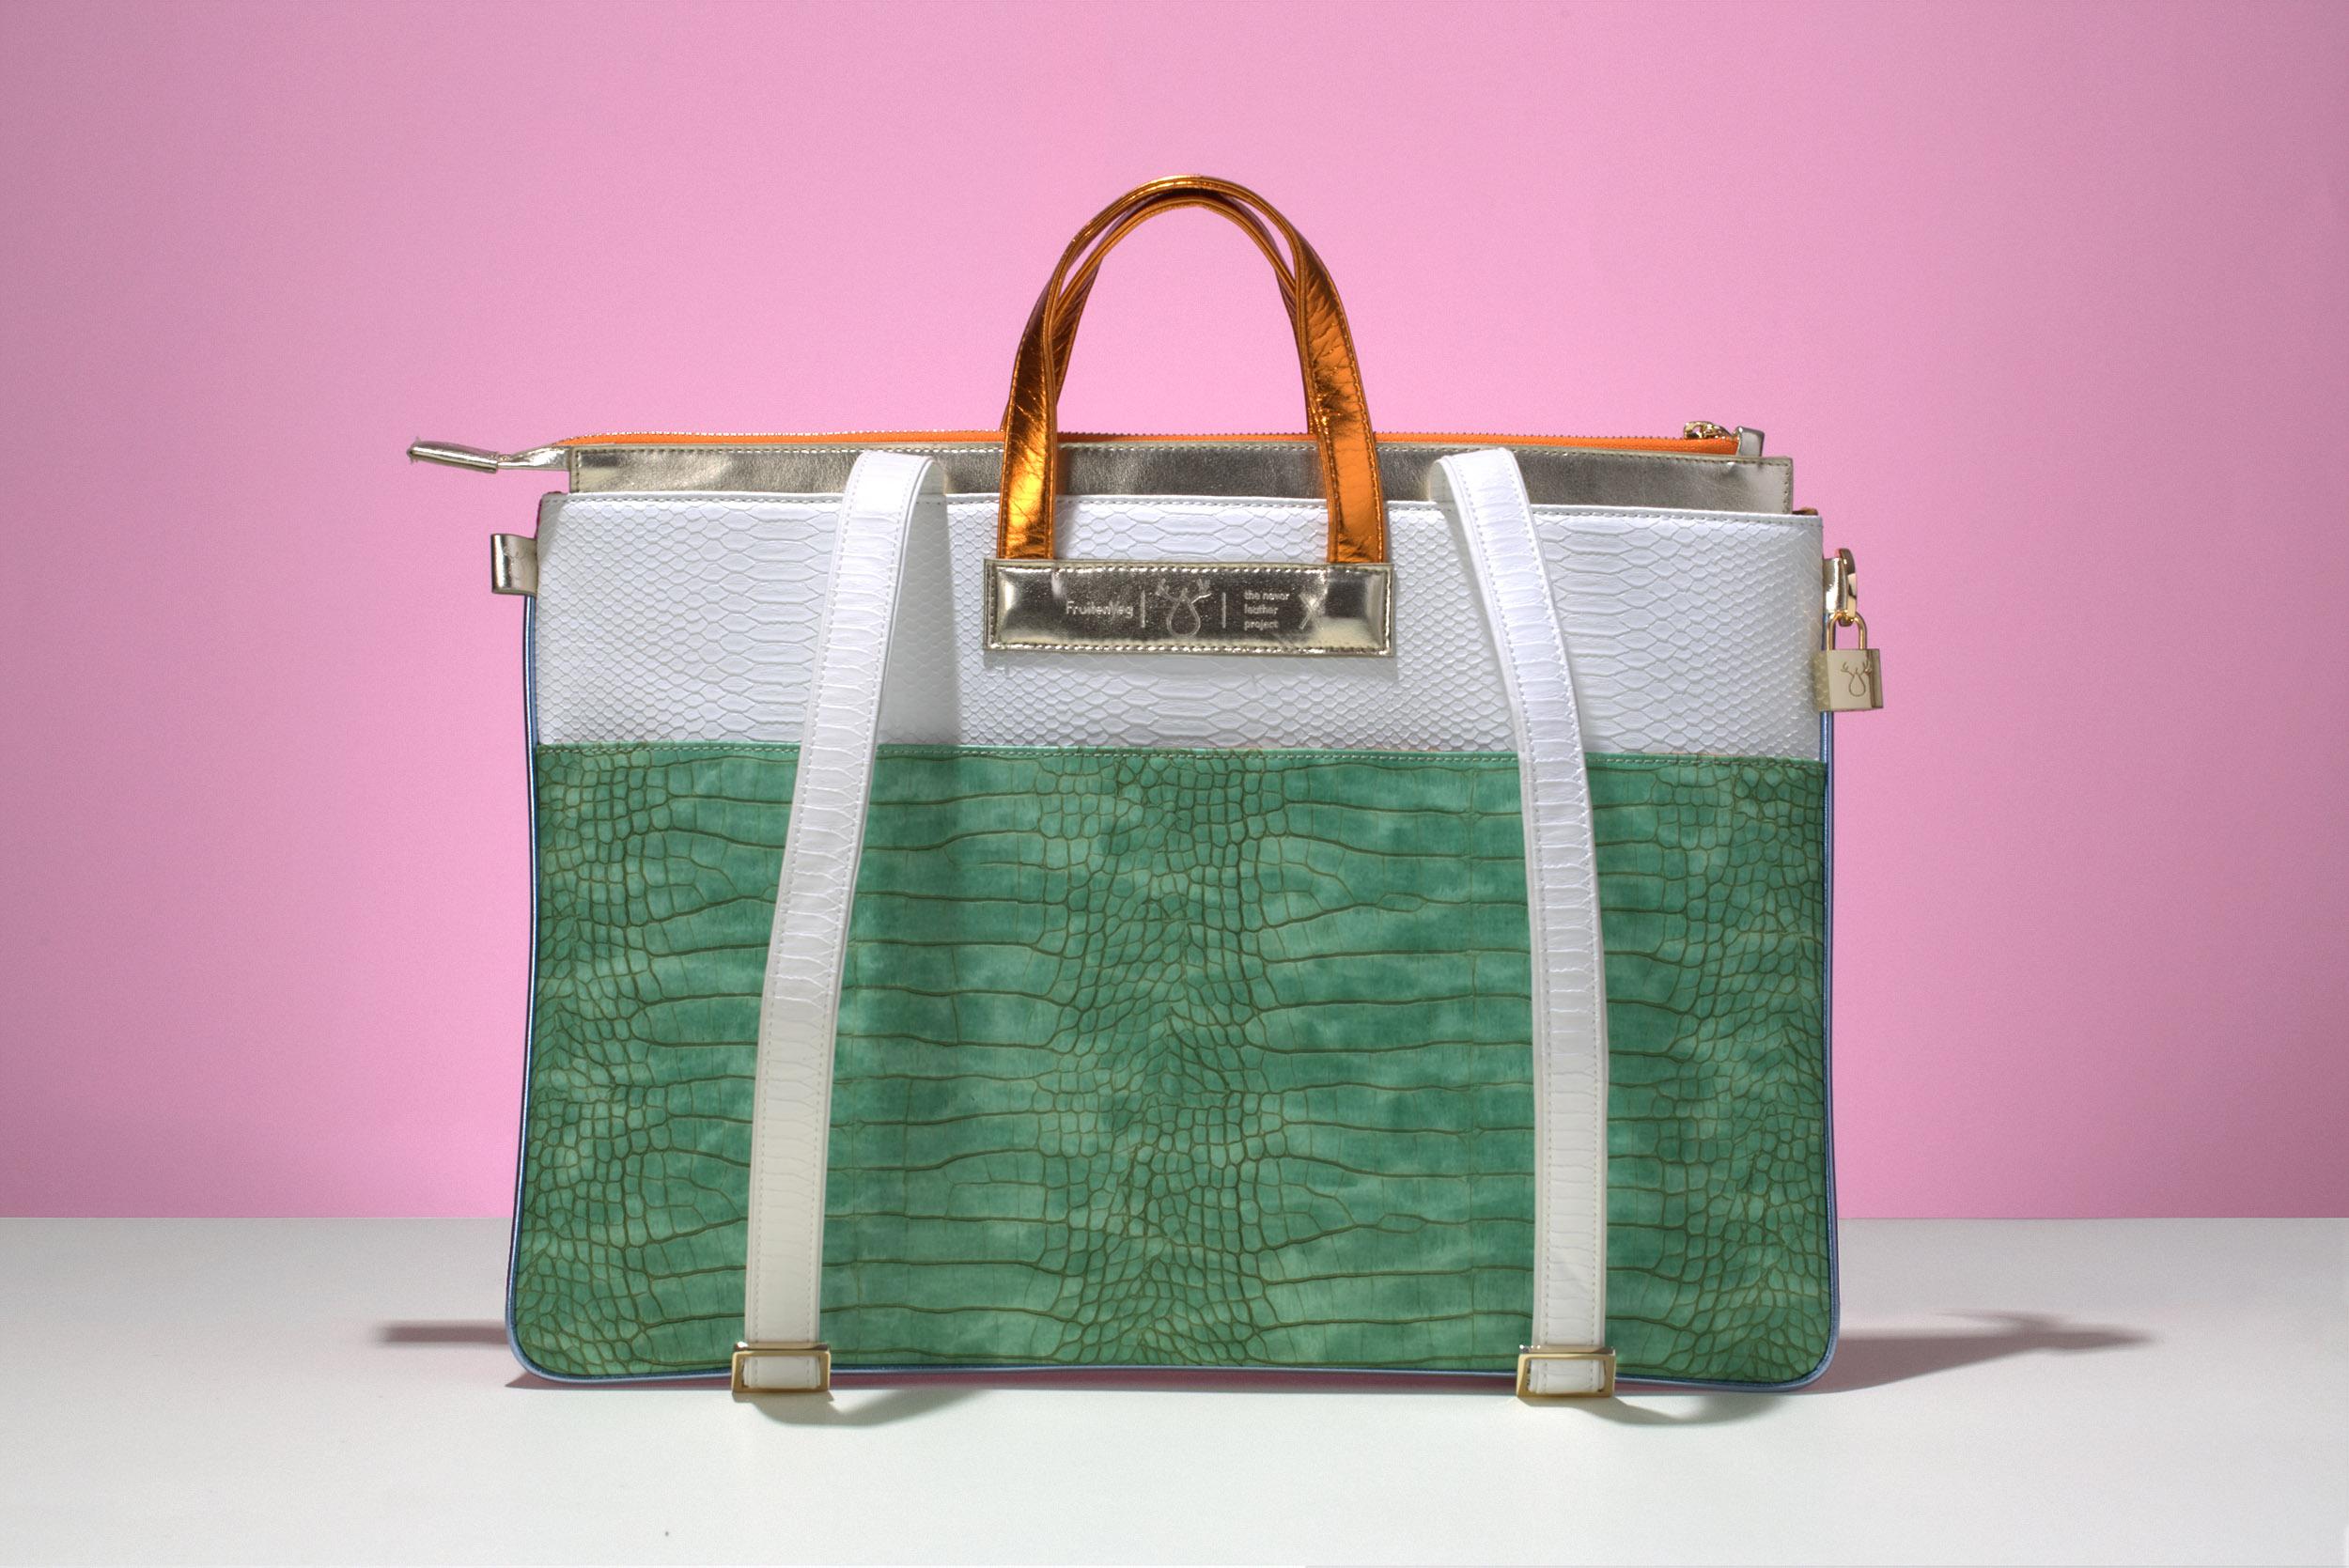 FruitenVeg-MULAYA bag-vegan-eco-imitation-leather-large-laptop-tote-bag-green-white-orange-nyc-handbag-designer